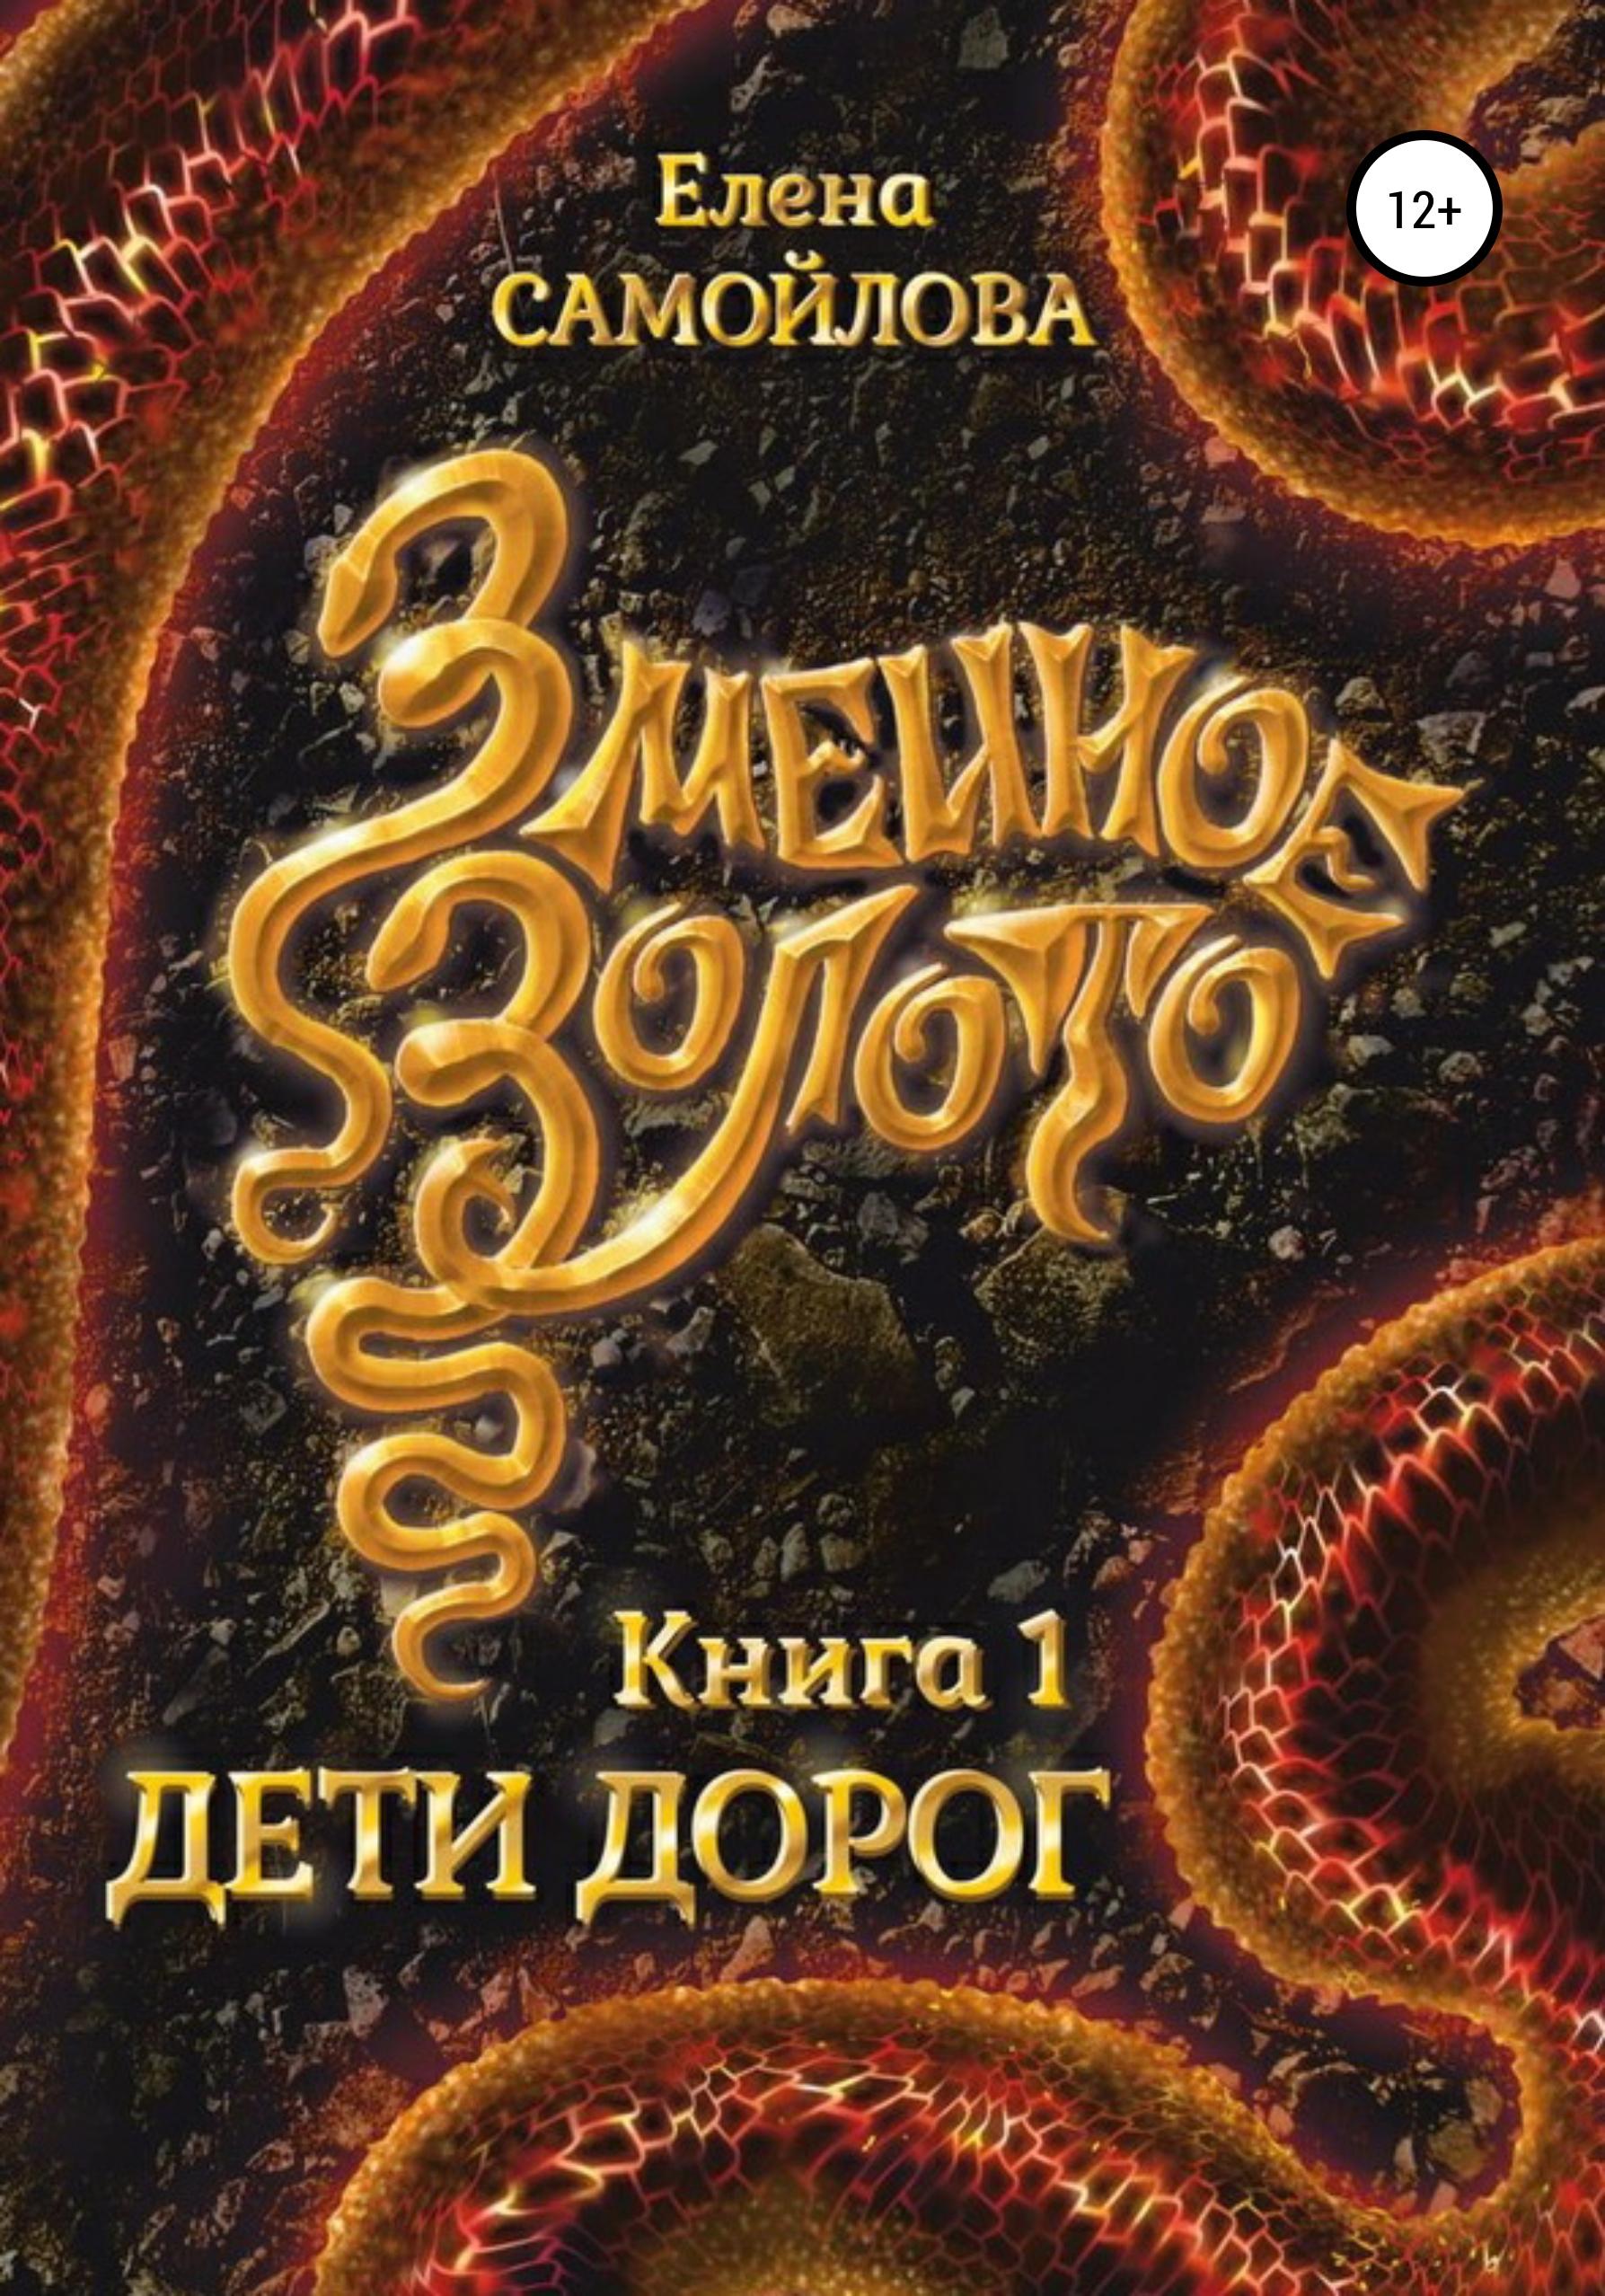 Купить книгу Змеиное золото. Дети дорог, автора Елены Самойловой